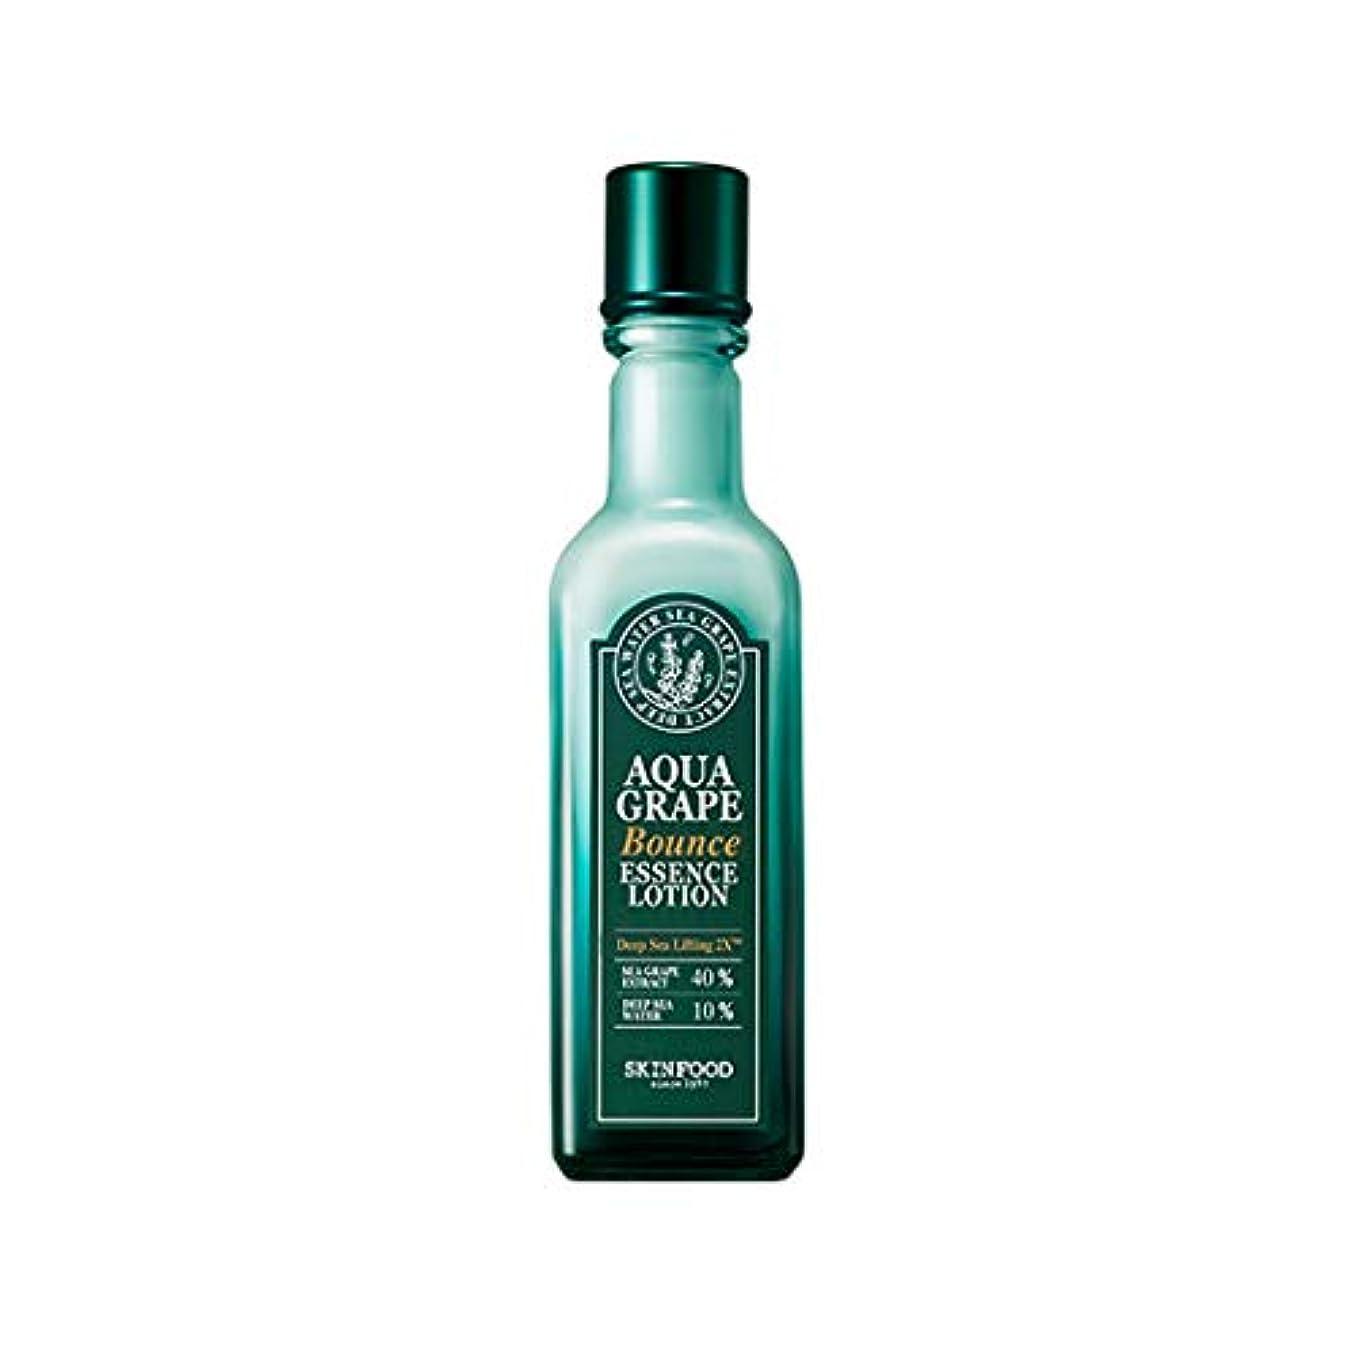 振り返るブレーク変更Skinfood アクアグレープバウンスエッセンスローション/Aqua Grape Bounce Essence Lotion 120ml [並行輸入品]